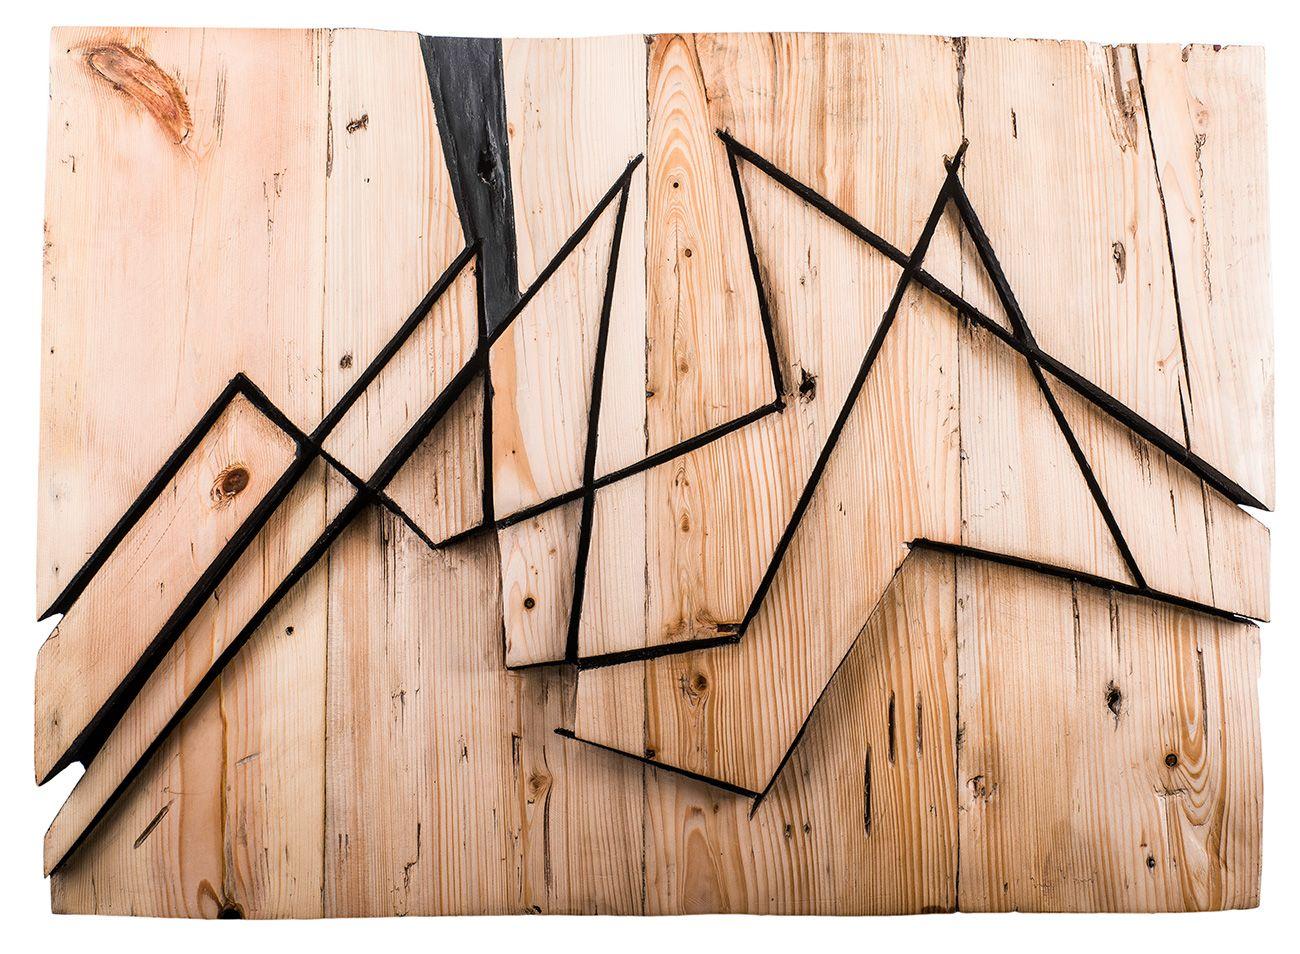 Las esculturas de Vanesa Muñoz Molinero poseen la belleza de lo paradójico, al situarse en la encrucijada entre la búsqueda de lo inmanente y el anhelo de trascendencia, entre las emociones como materia prima que dimensionan la obra y la voluntad de superar esas contingencias mediante un proceso de abstracción mental.